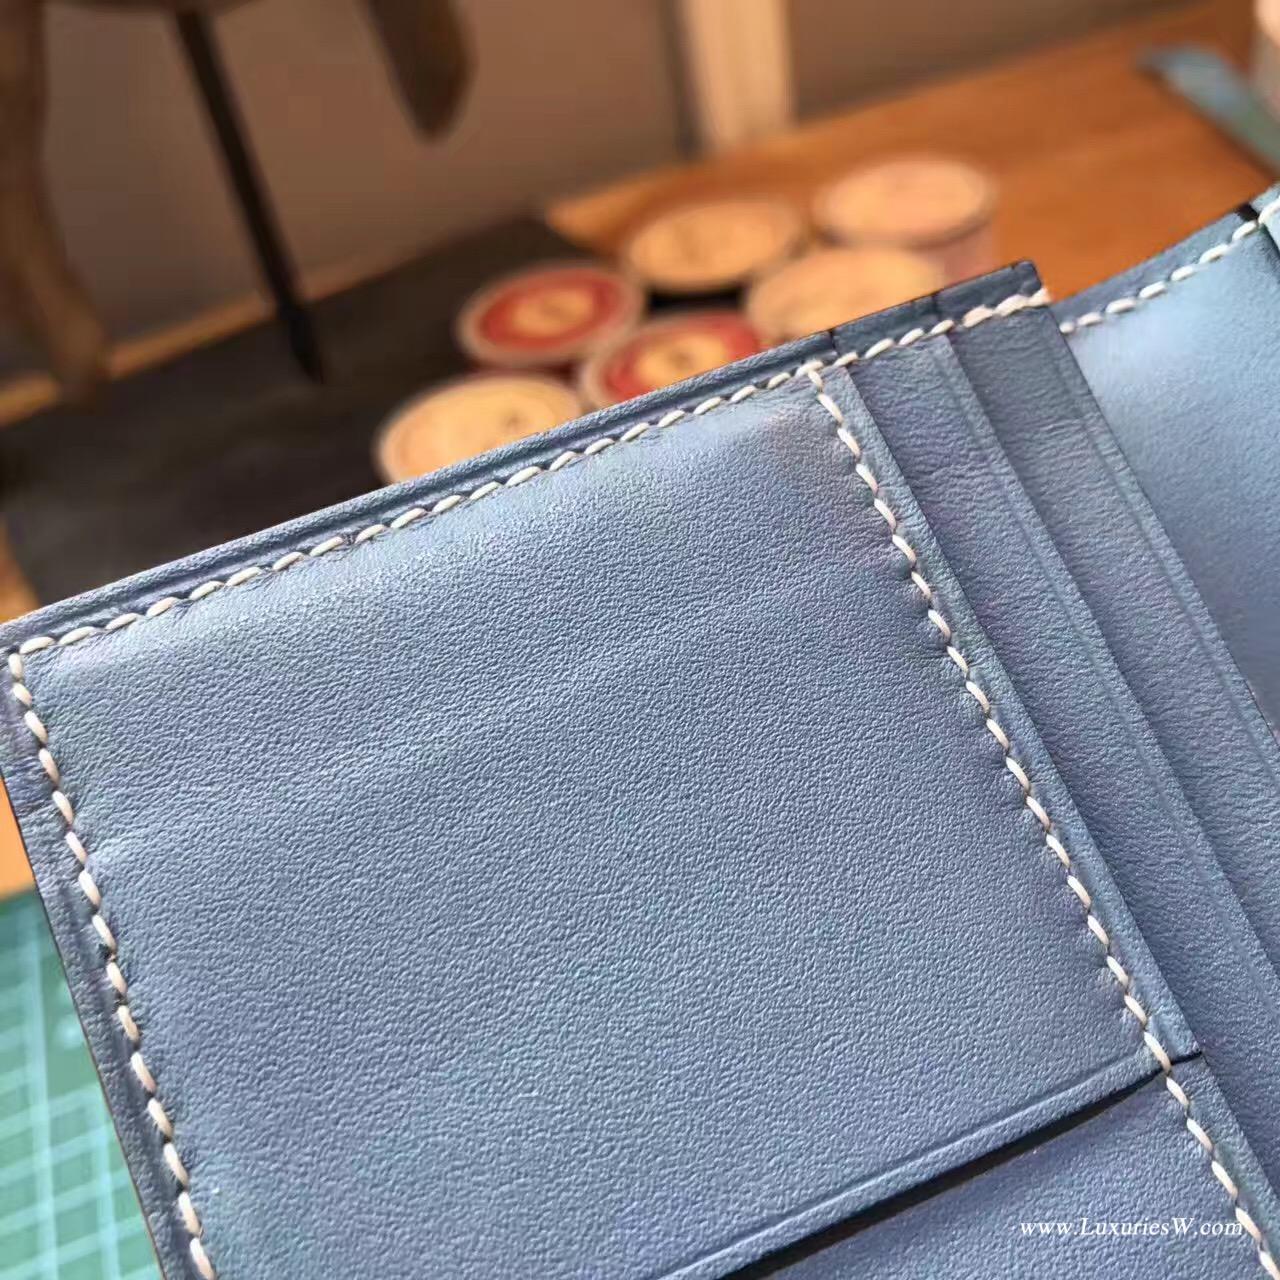 香港元朗區米埔愛馬仕 Hermes Bearn Wallet 兩折錢夾Swift 牛仔藍搭配蜥蜴銀扣